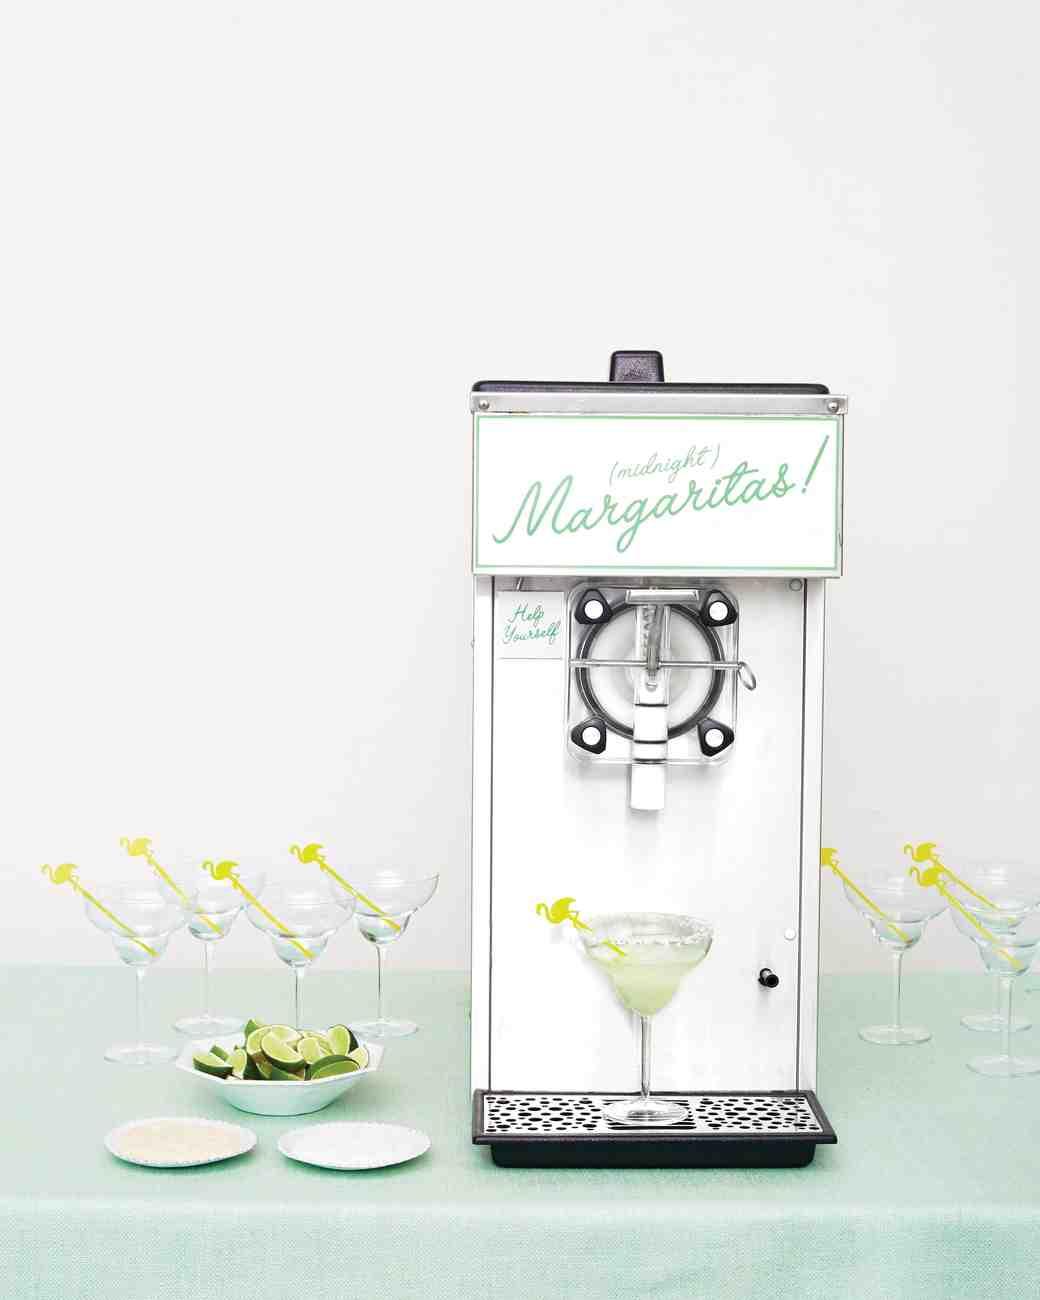 margarita-machine-late-night-wedding-drinks-293-d112901.jpg